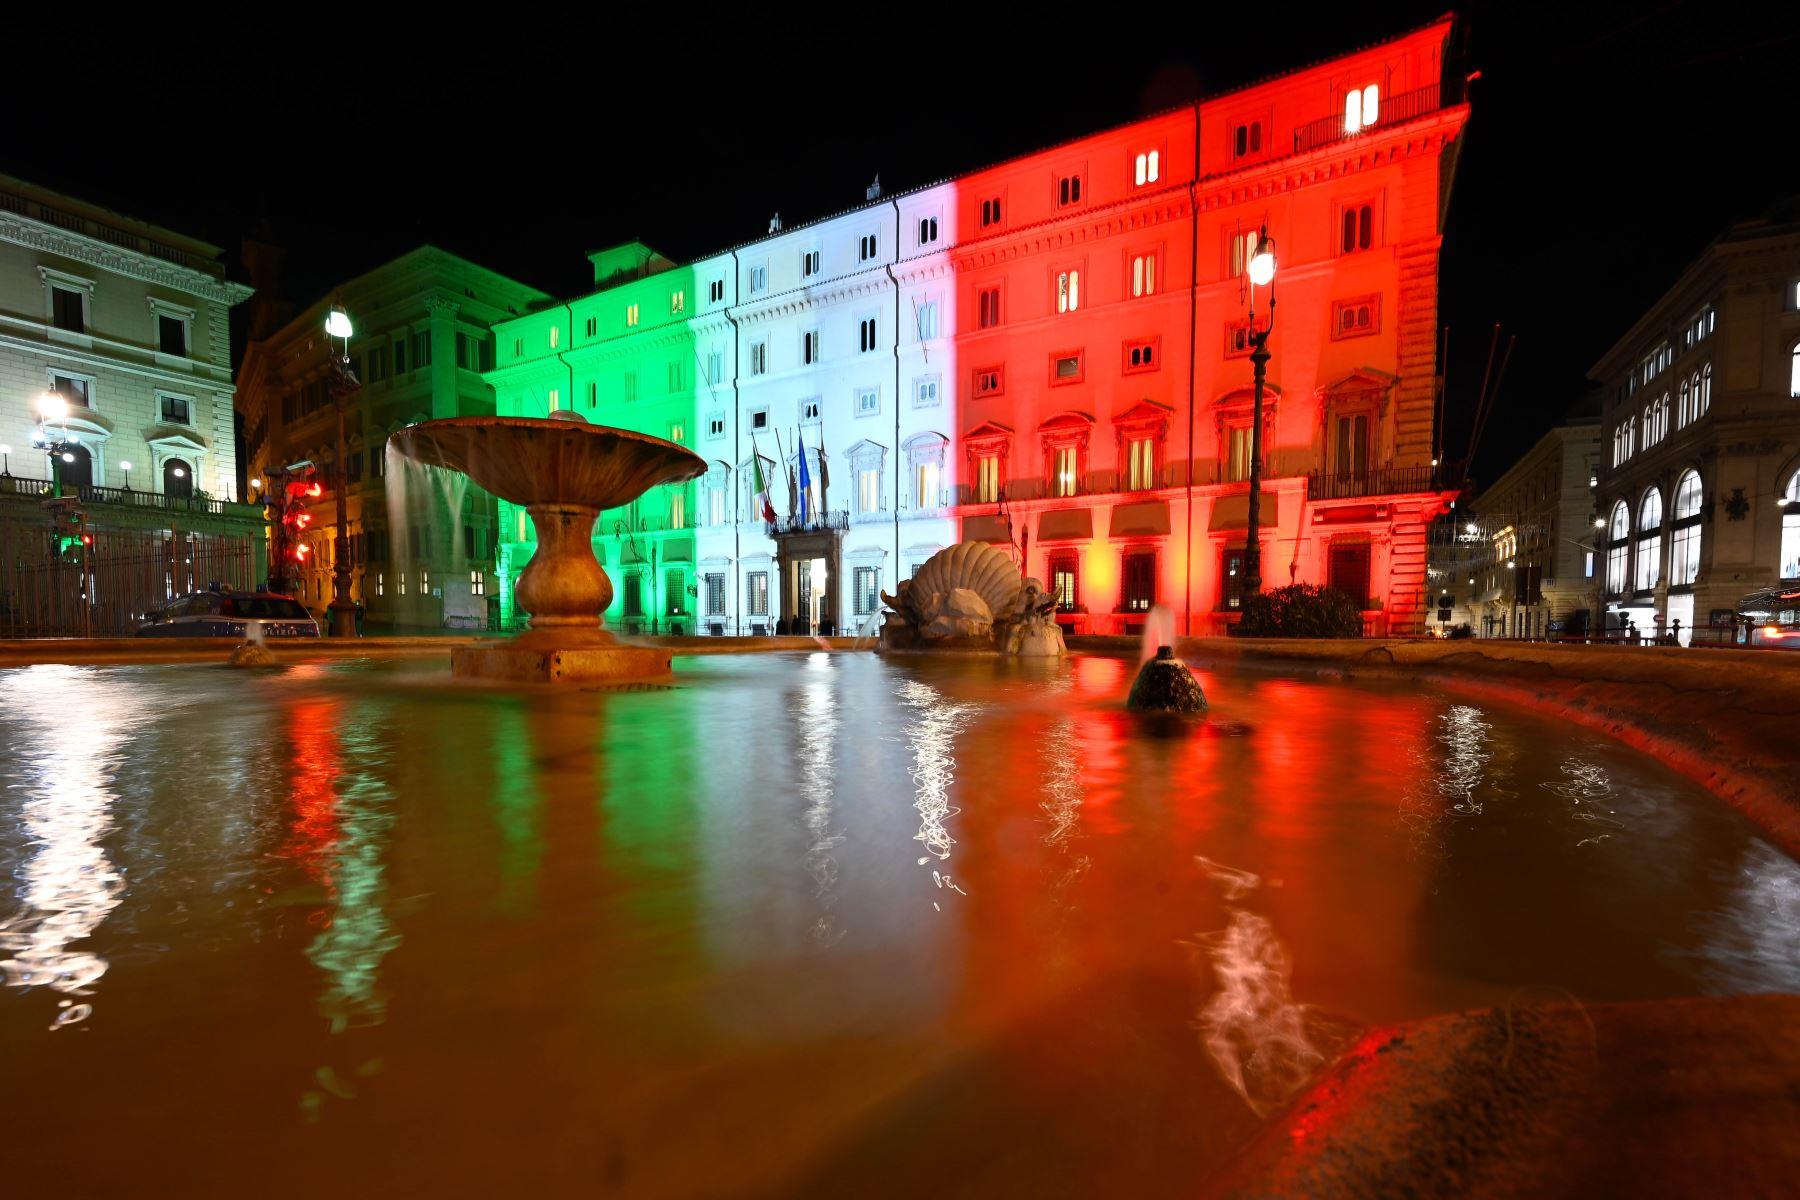 Una vista de Roma muestra el Palazzo Chigi, la sede del gobierno italiano, iluminado con los colores de la bandera italiana. Foto: AFP